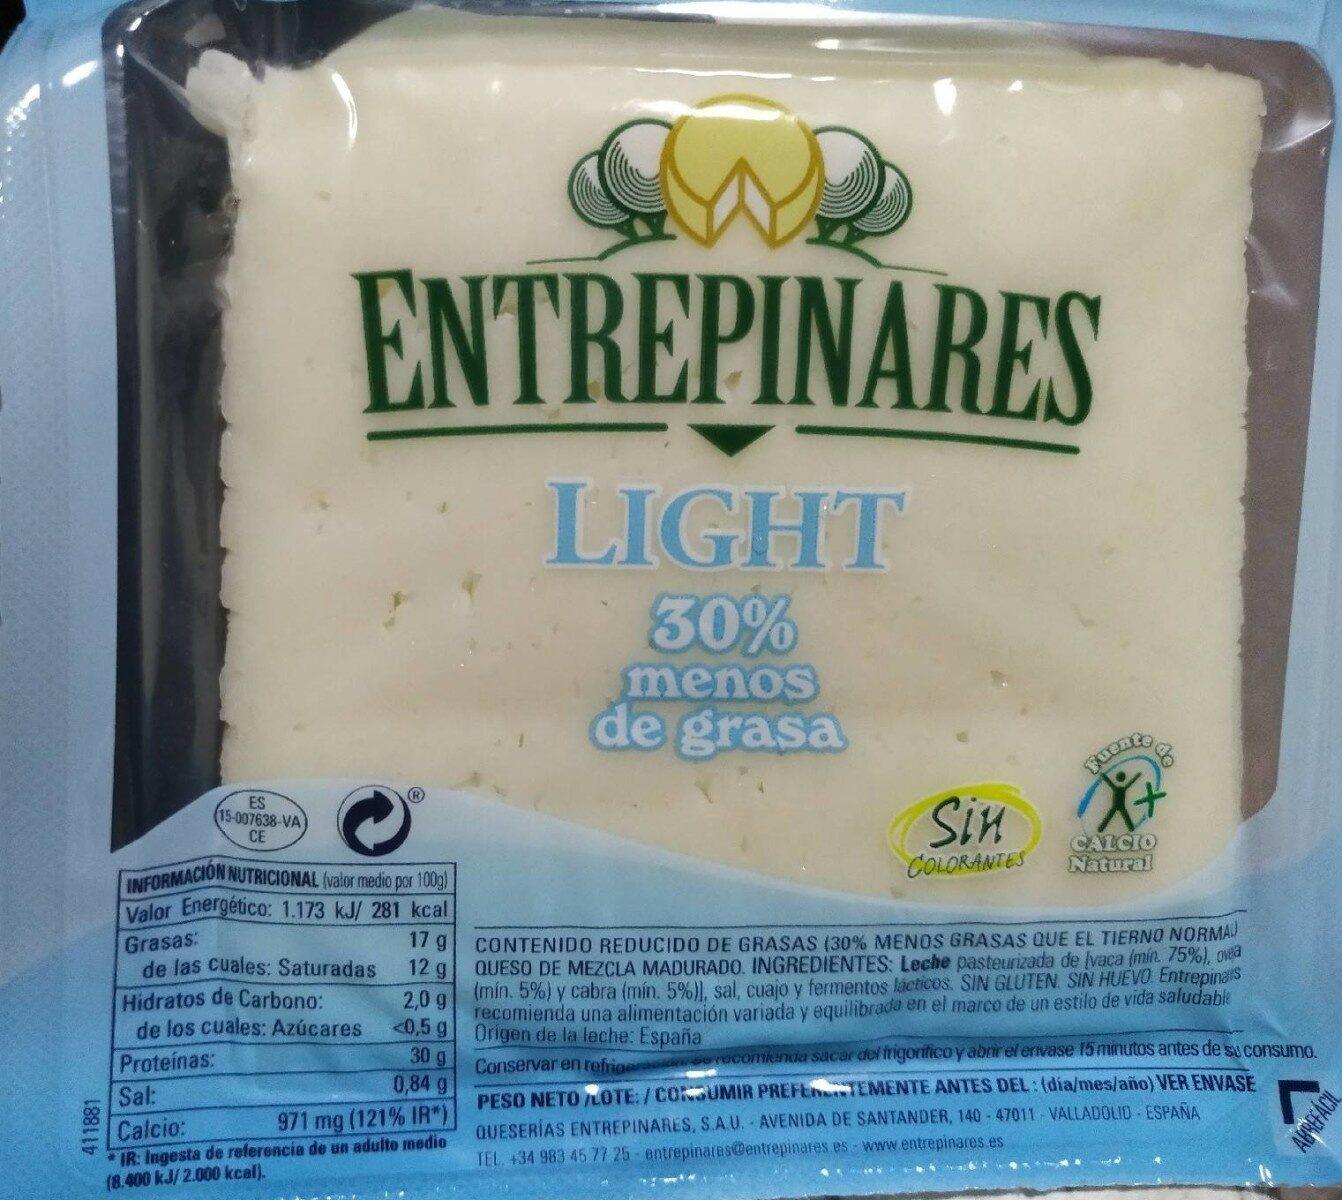 Queso de vaca, oveja y cabra light 30% menos de grasa - Produit - es